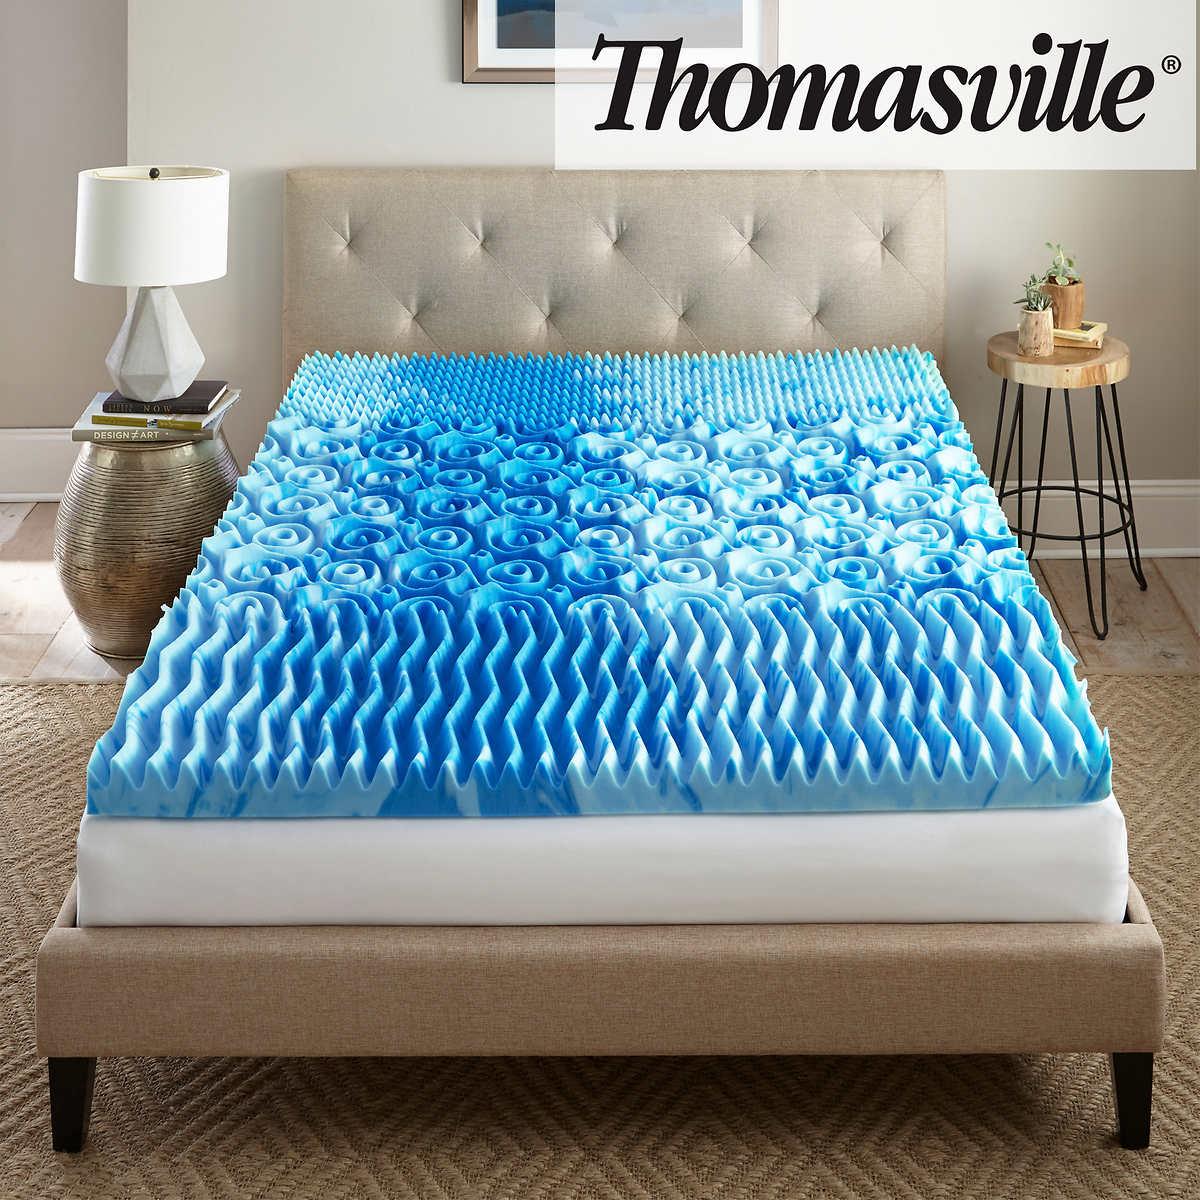 Thomasville 3